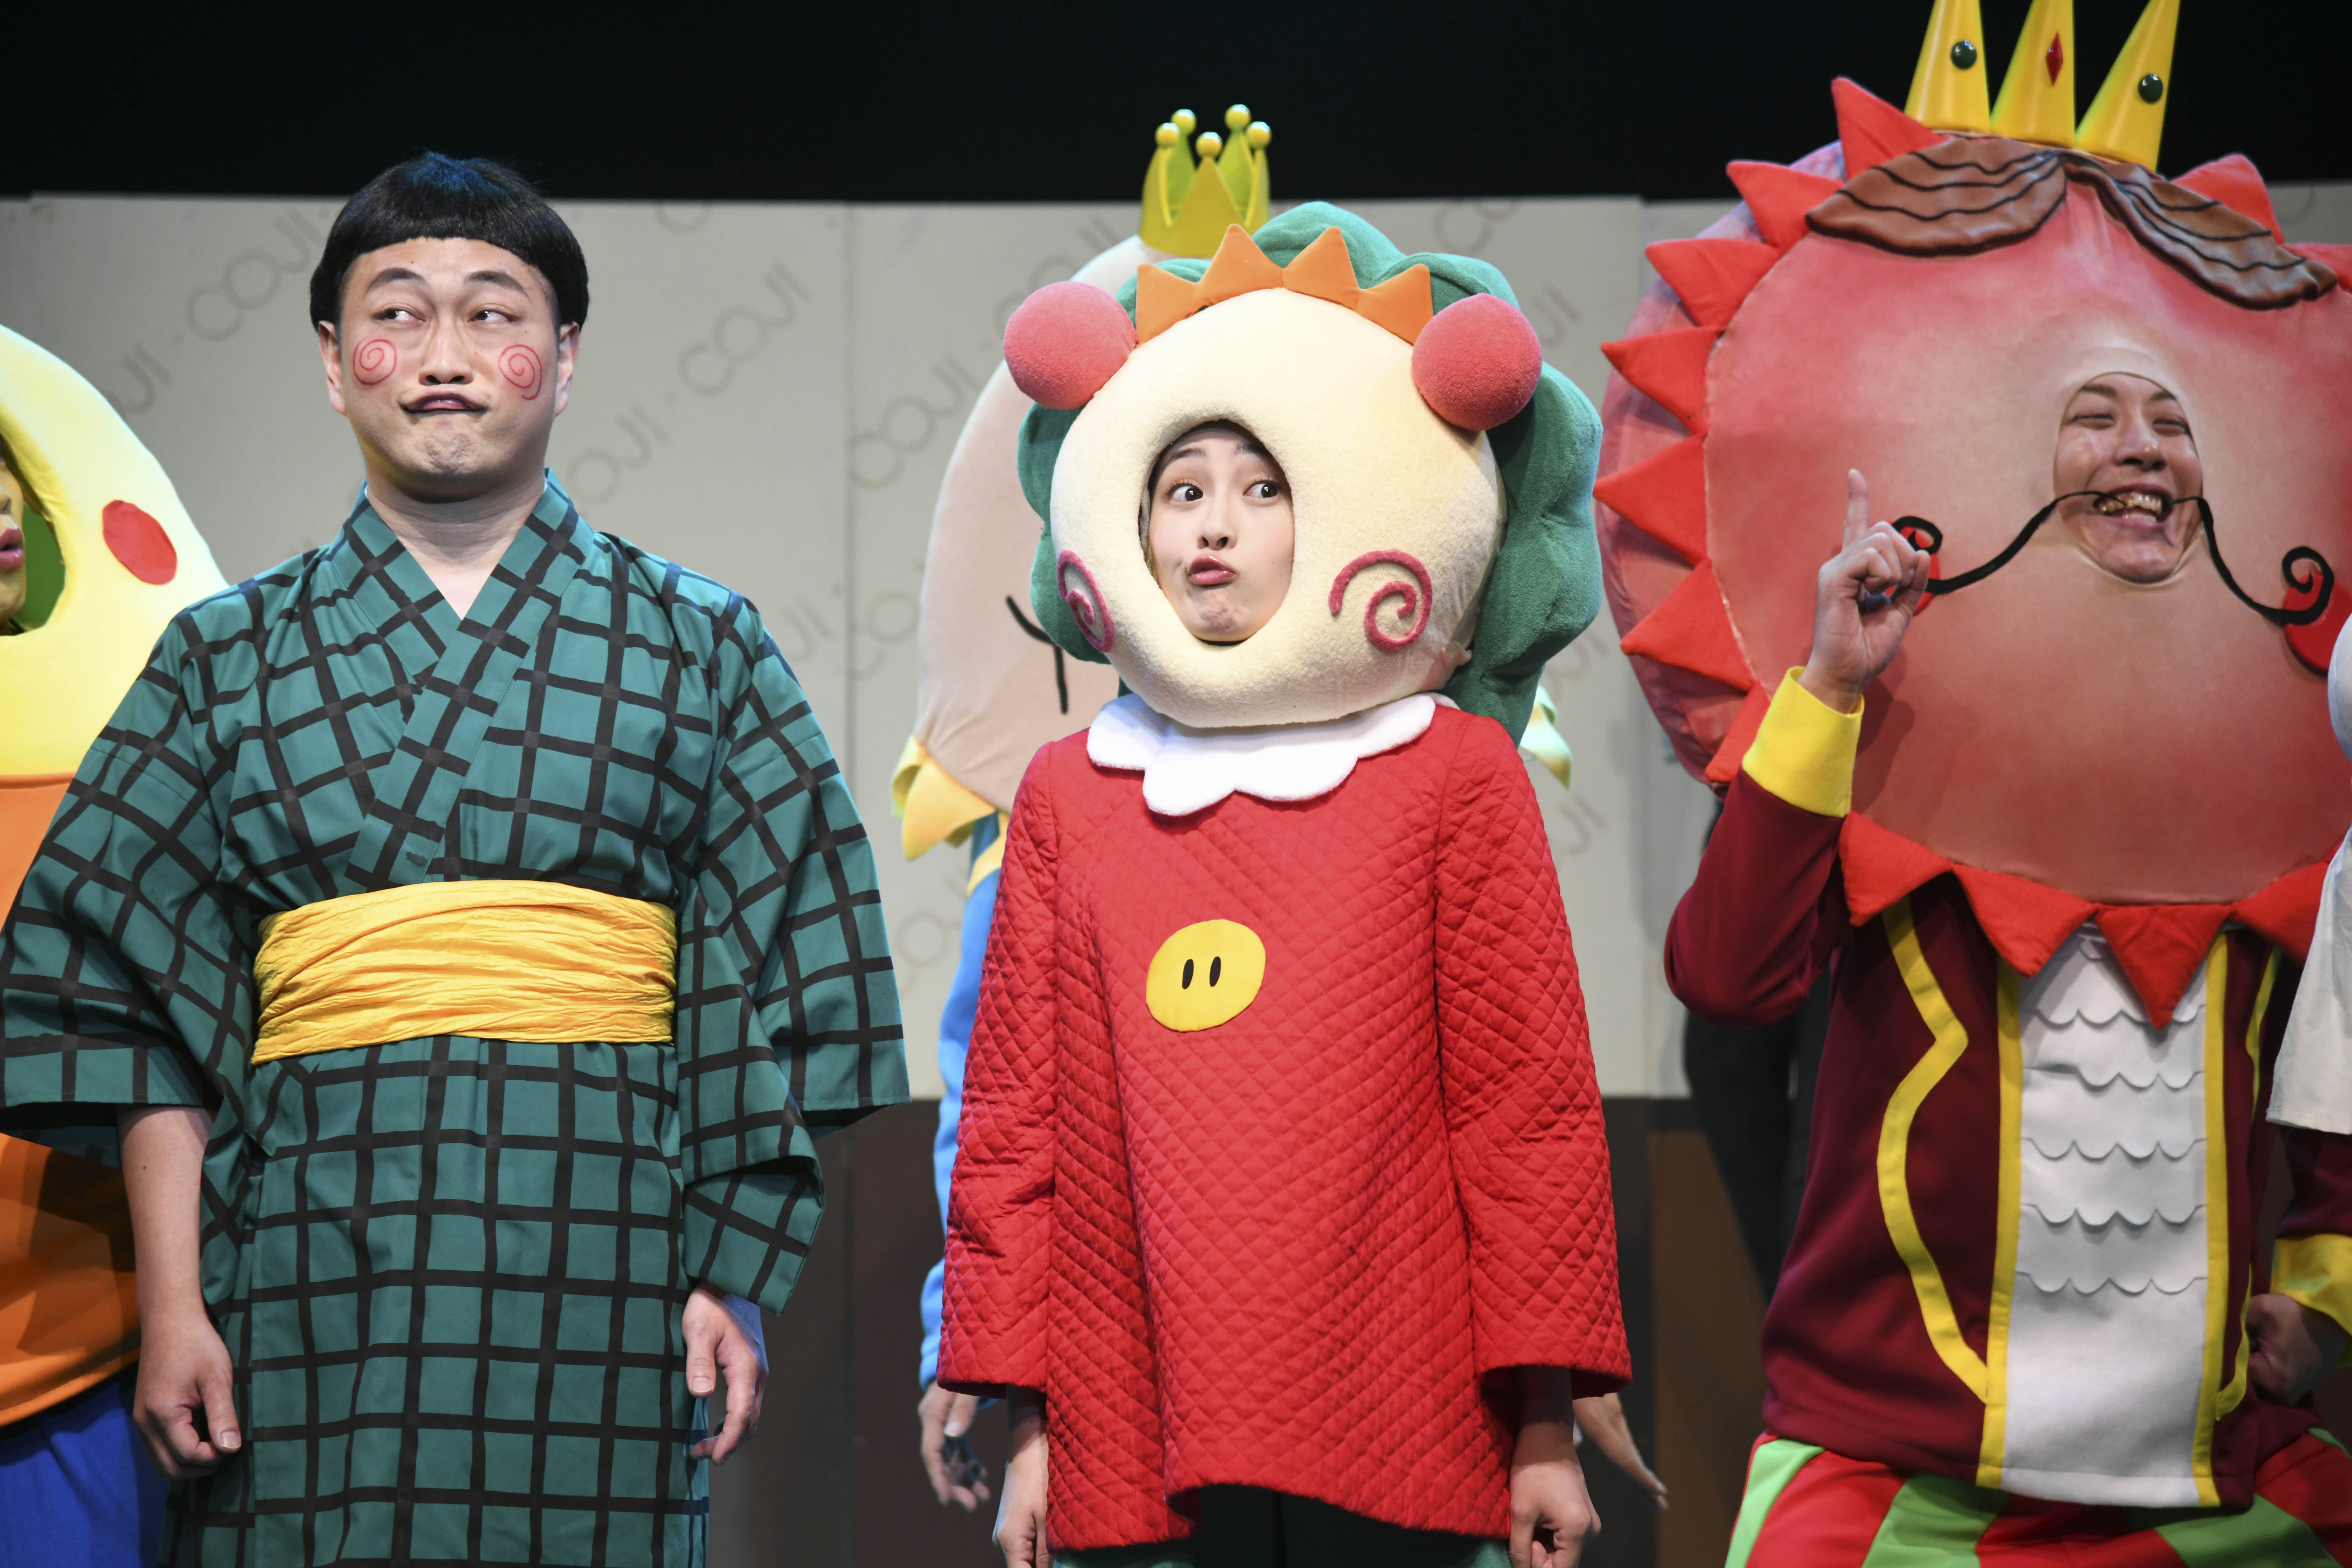 向井葉月(乃木坂46)(C)️さくらももこ(C)️舞台コジコジ製作委員会